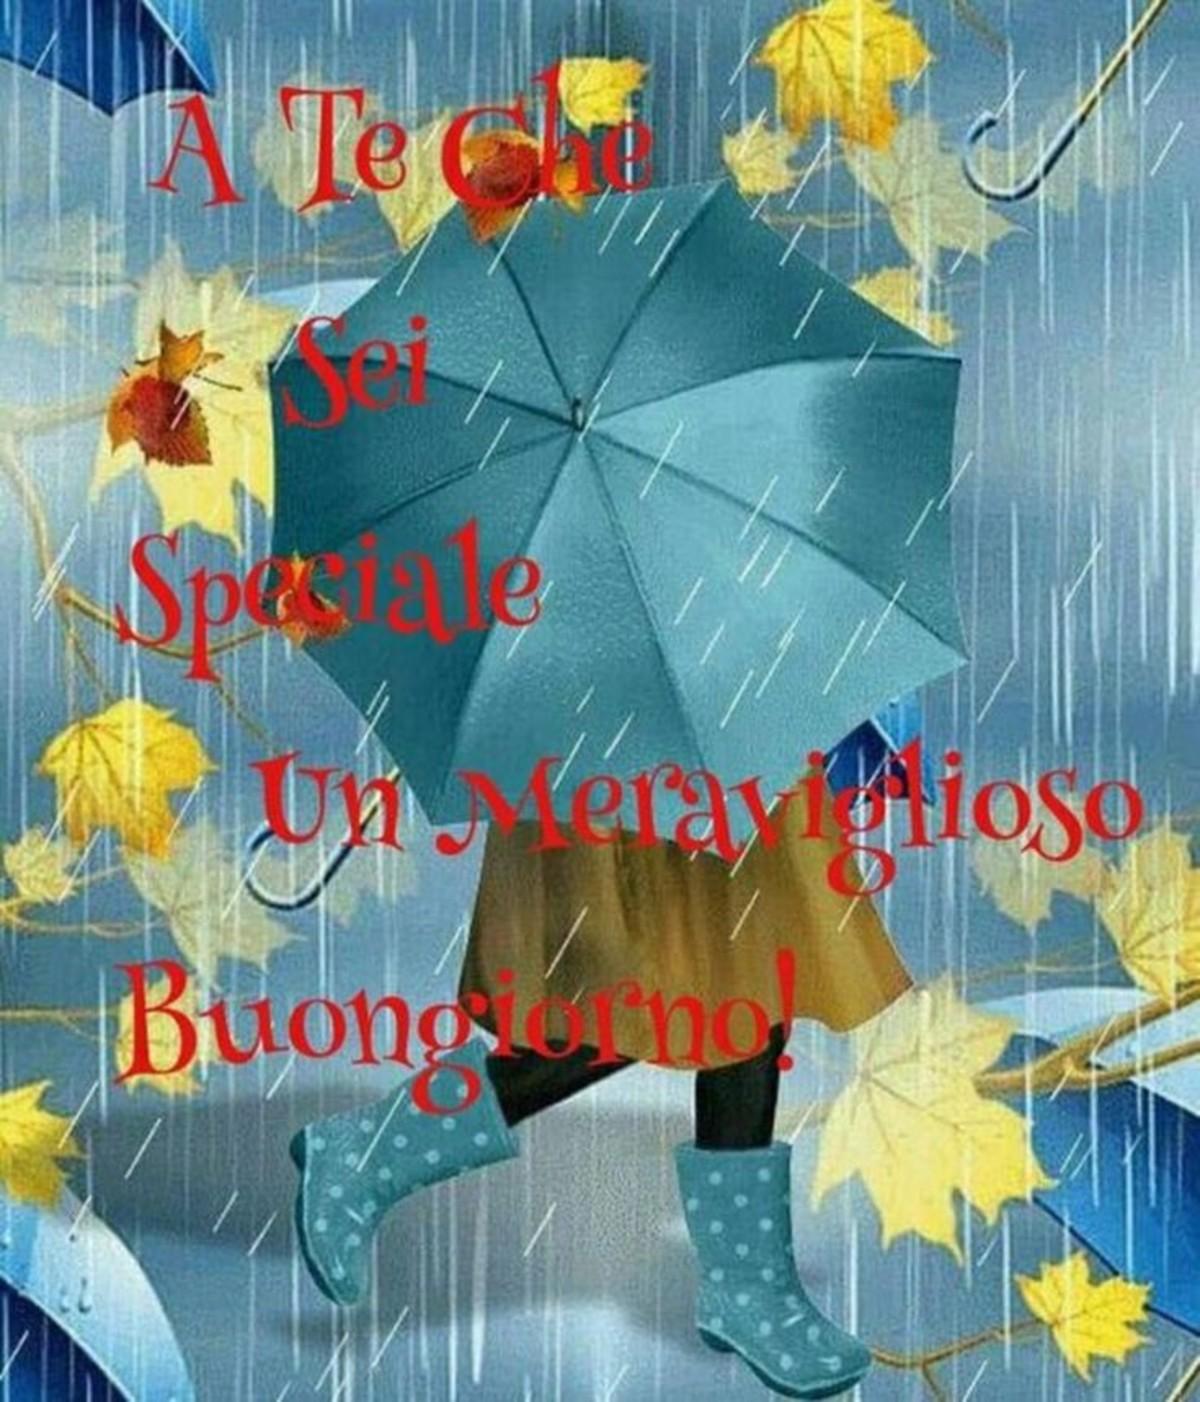 Buongiorno Con La Pioggia 2 Buongiornoateit